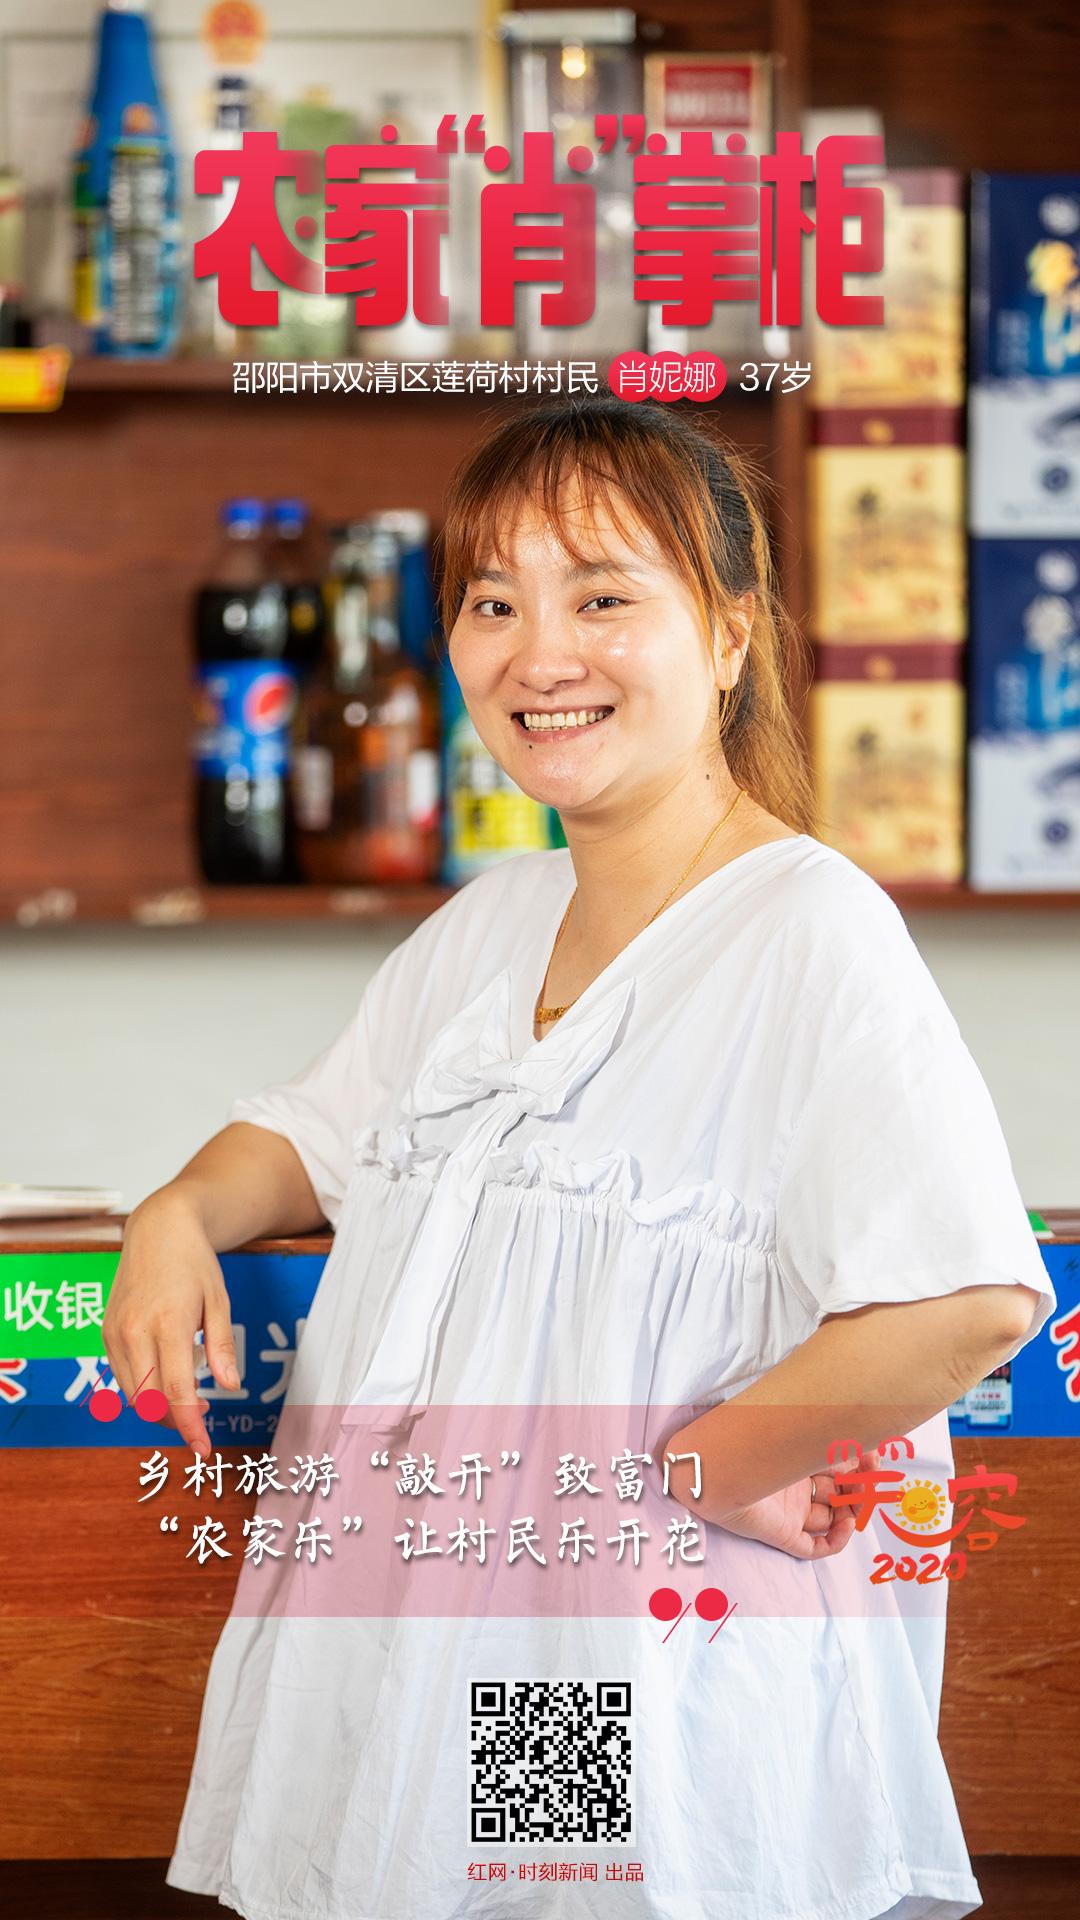 05笑容2020双清区莲荷村8个人.jpg